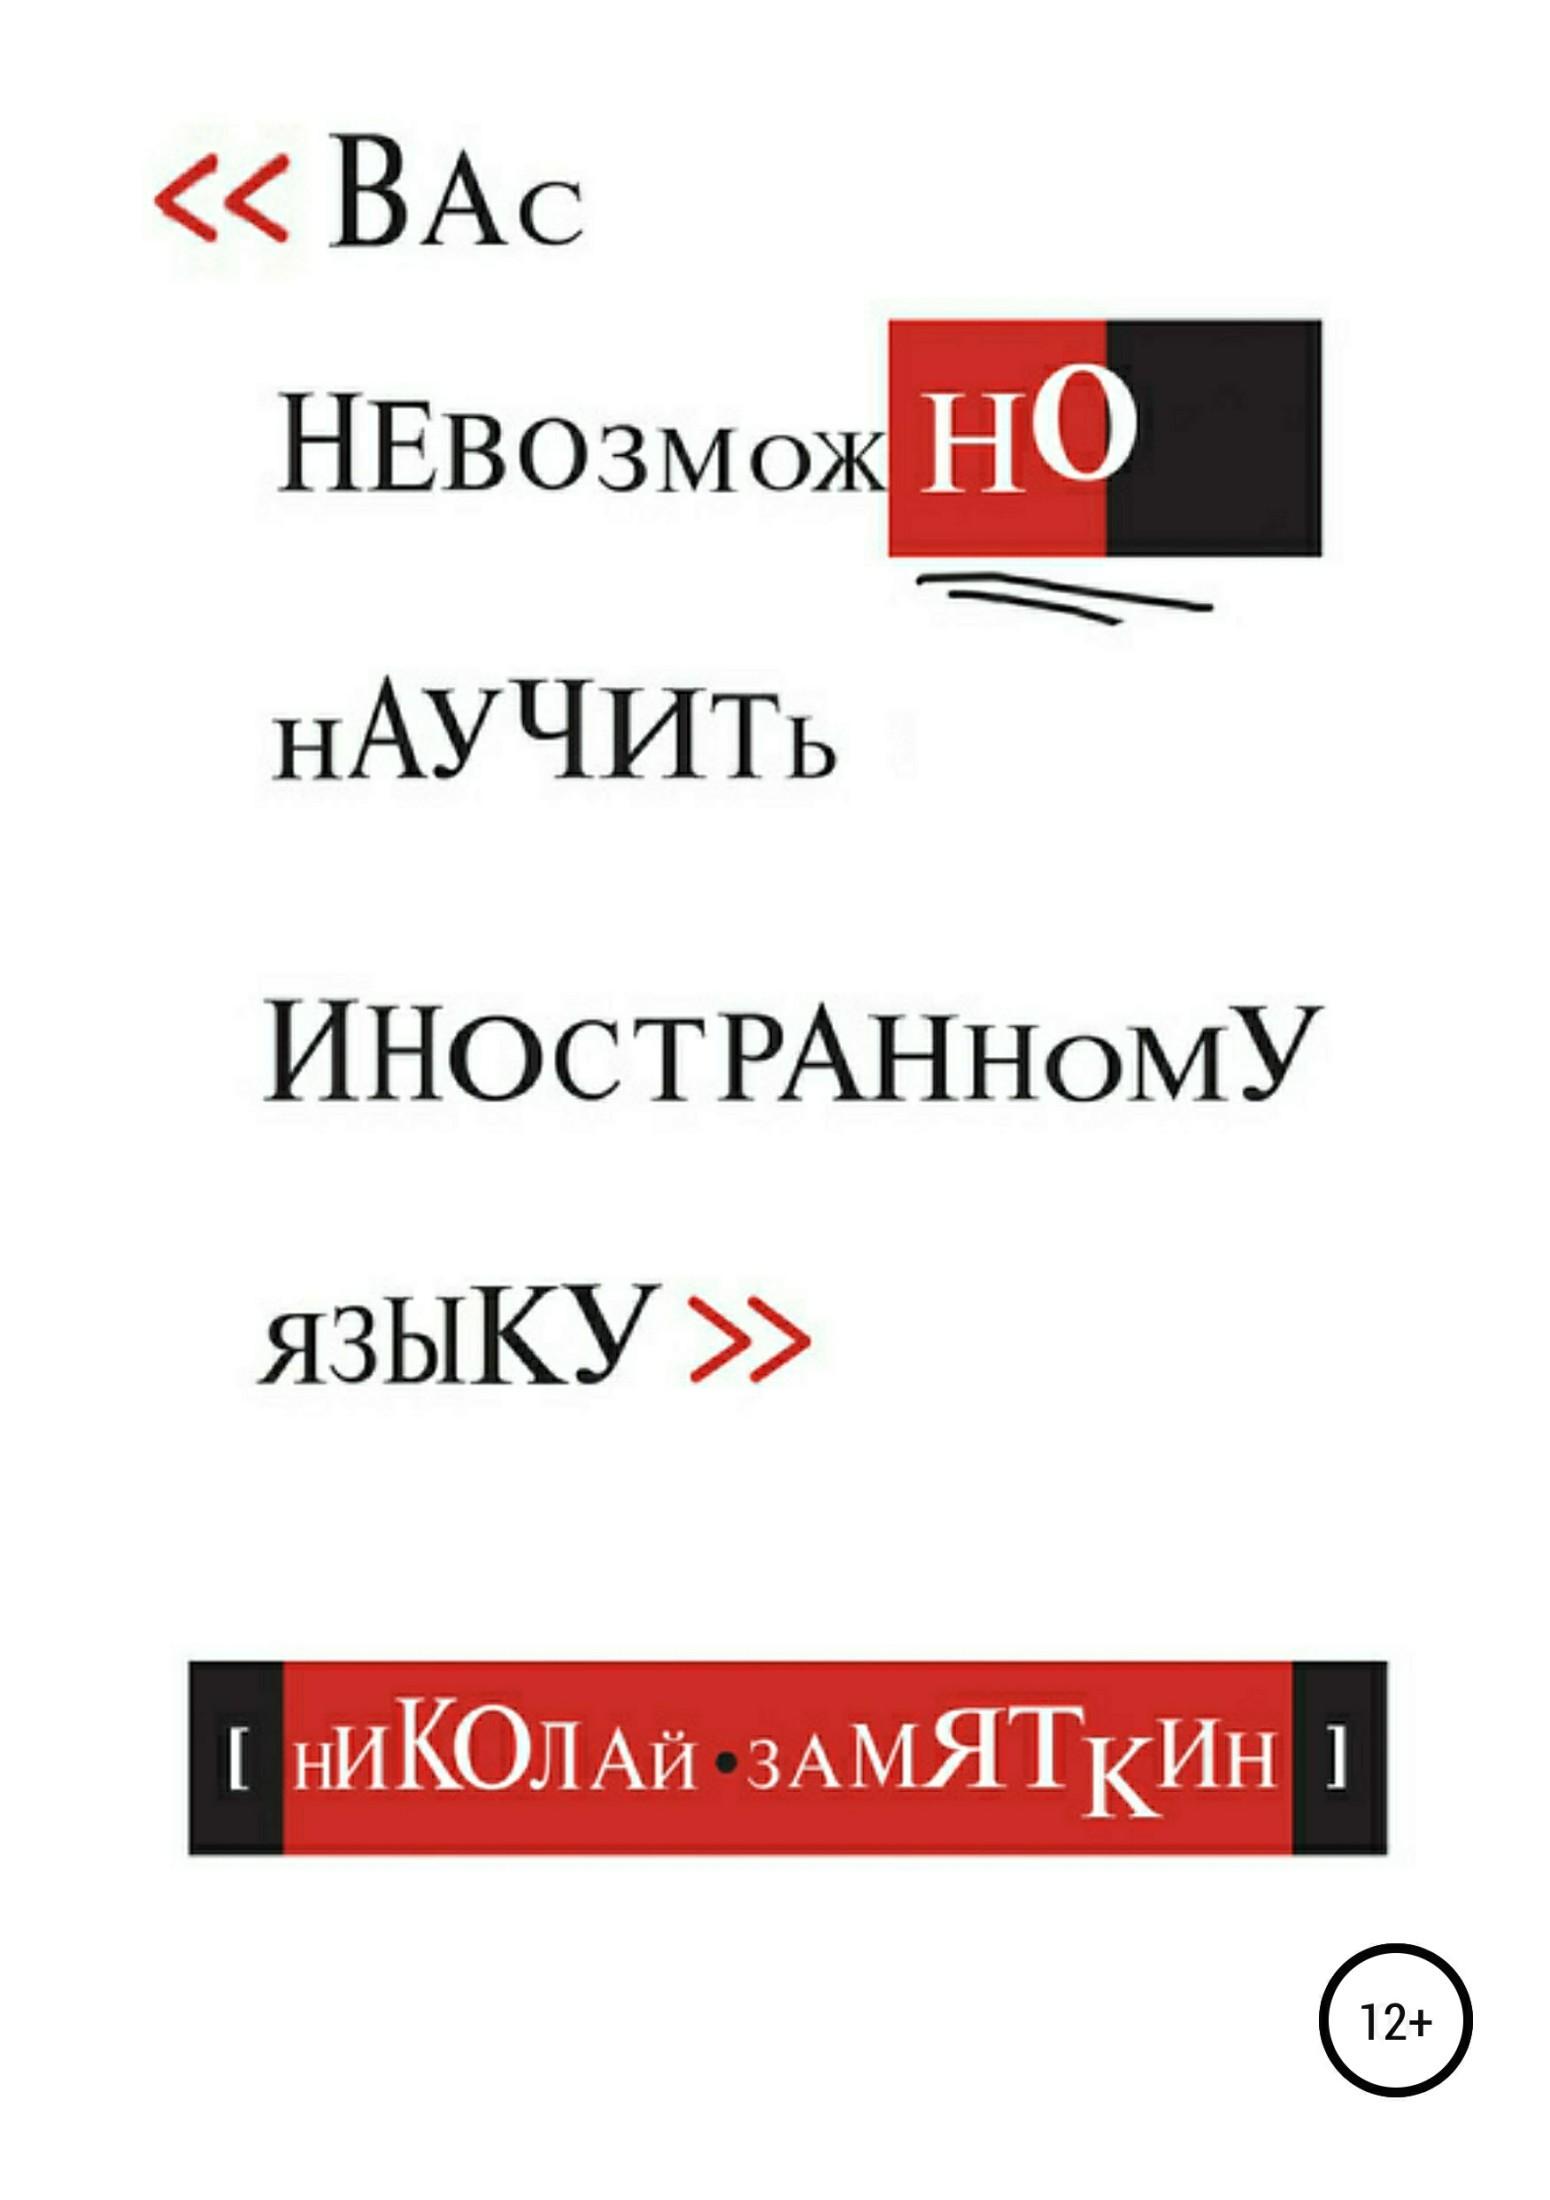 Вас невозможно научить иностранному языку_Николай Фёдорович Замяткин